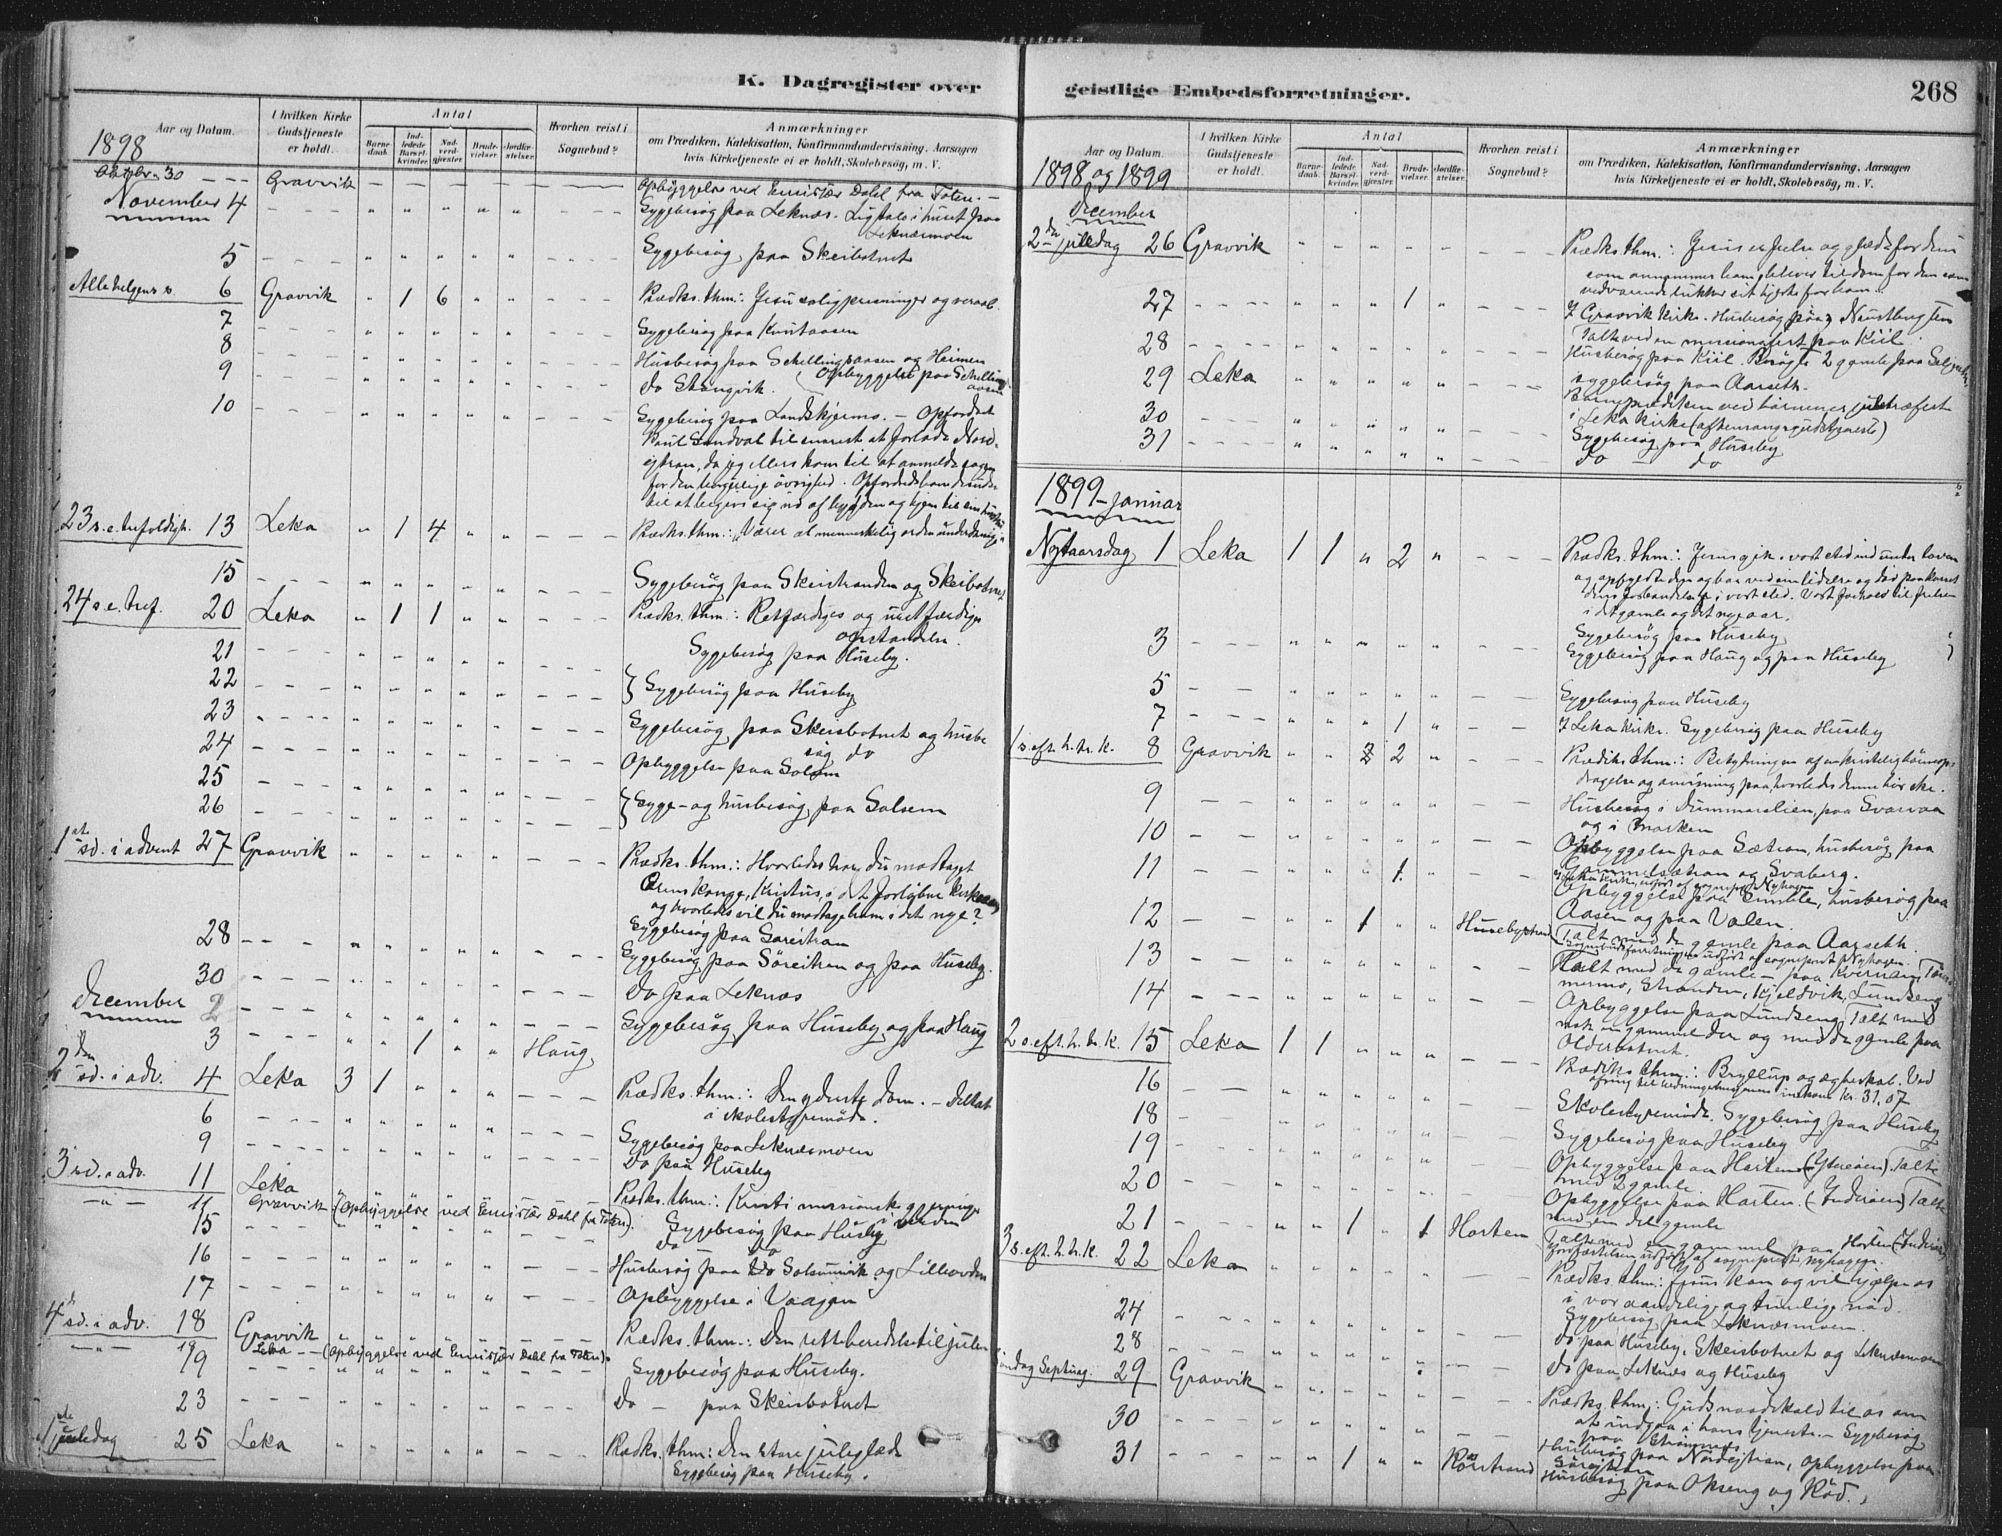 SAT, Ministerialprotokoller, klokkerbøker og fødselsregistre - Nord-Trøndelag, 788/L0697: Ministerialbok nr. 788A04, 1878-1902, s. 268